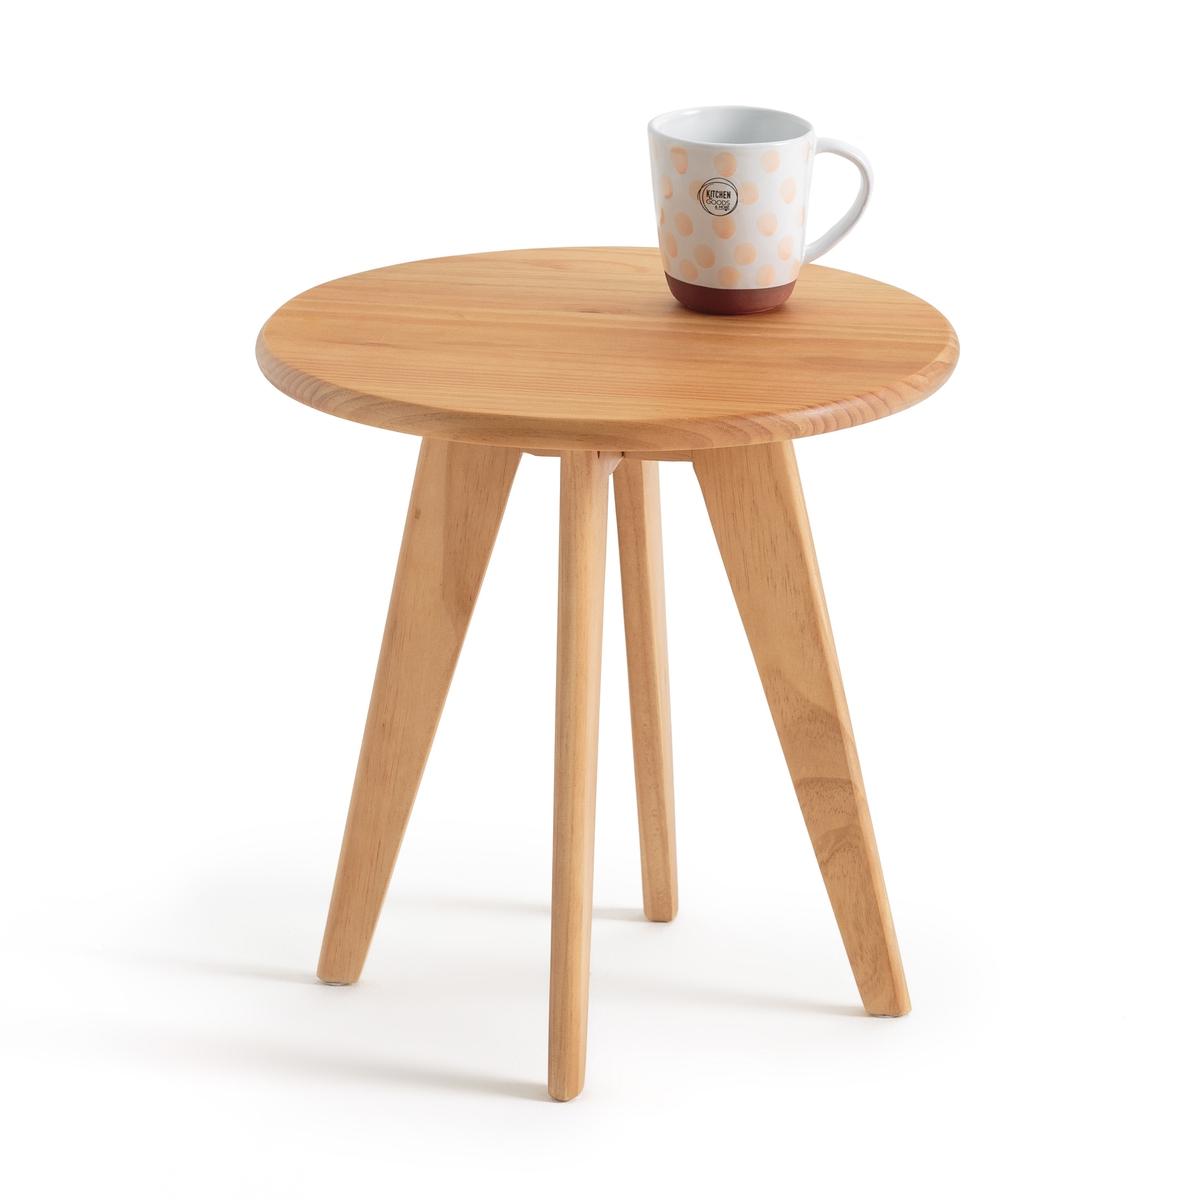 Столик прикроватный круглый JIMI столик прикроватный в винтажном стиле jimi